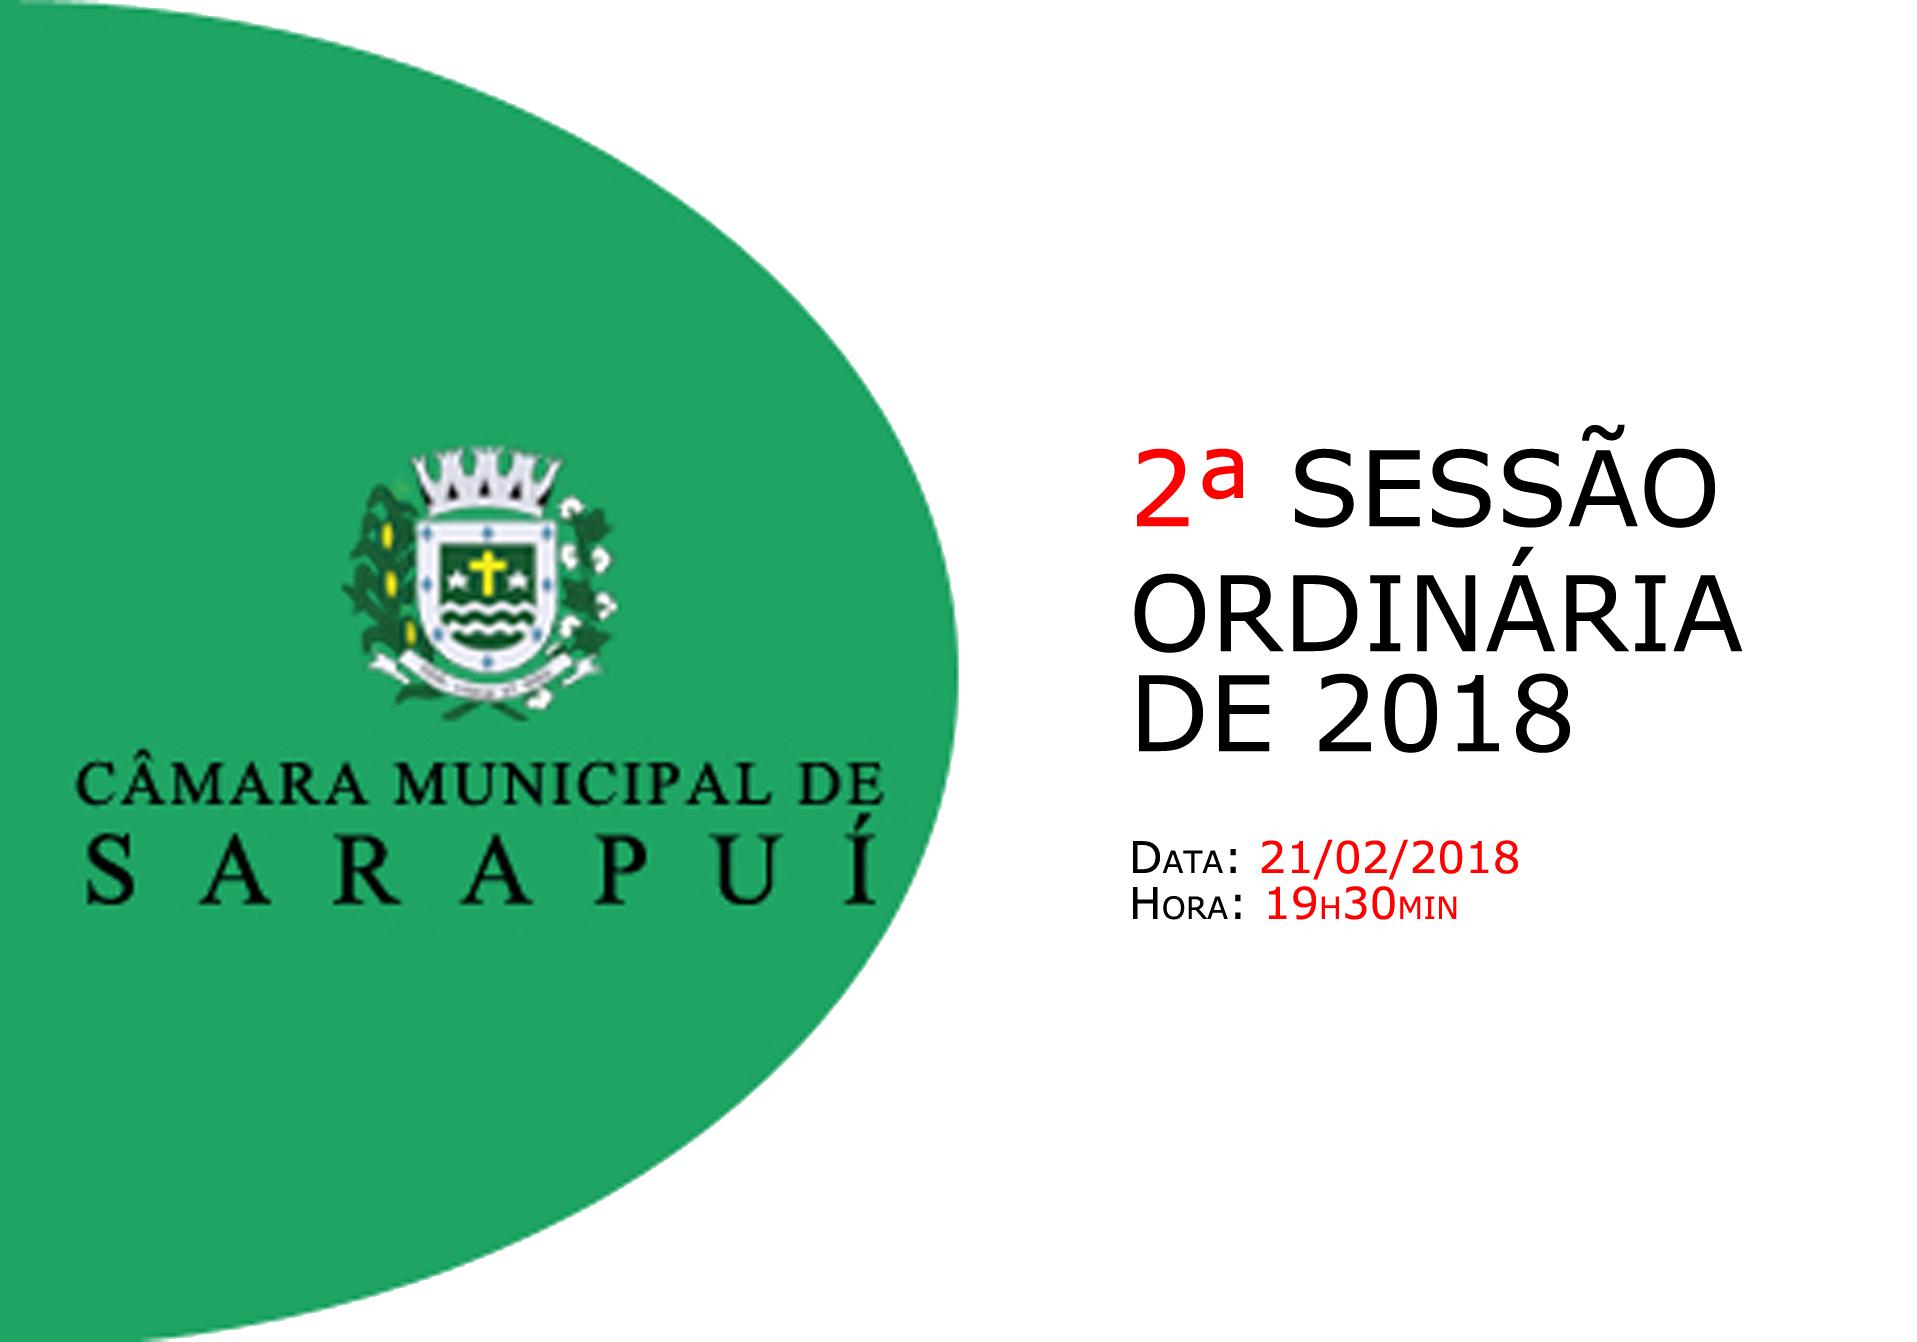 Pauta da 2ª sessão ordinária de 2018